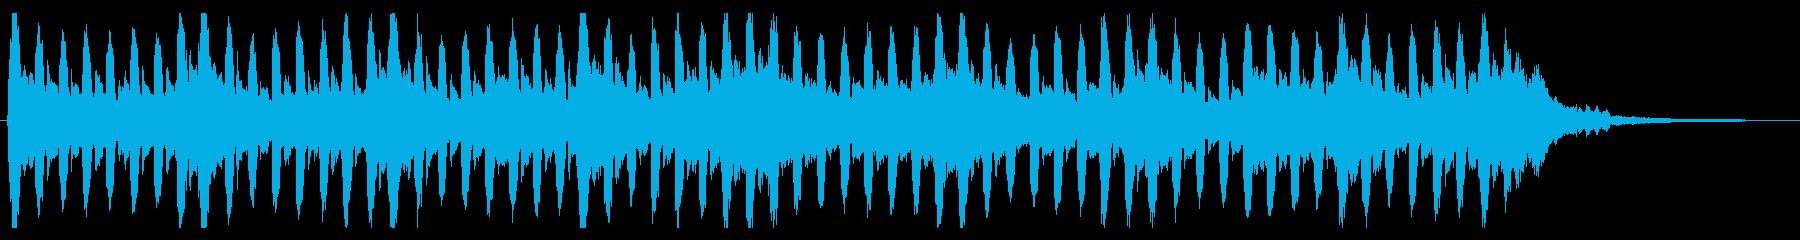 【ショート版】企業VP・CM 切ないの再生済みの波形